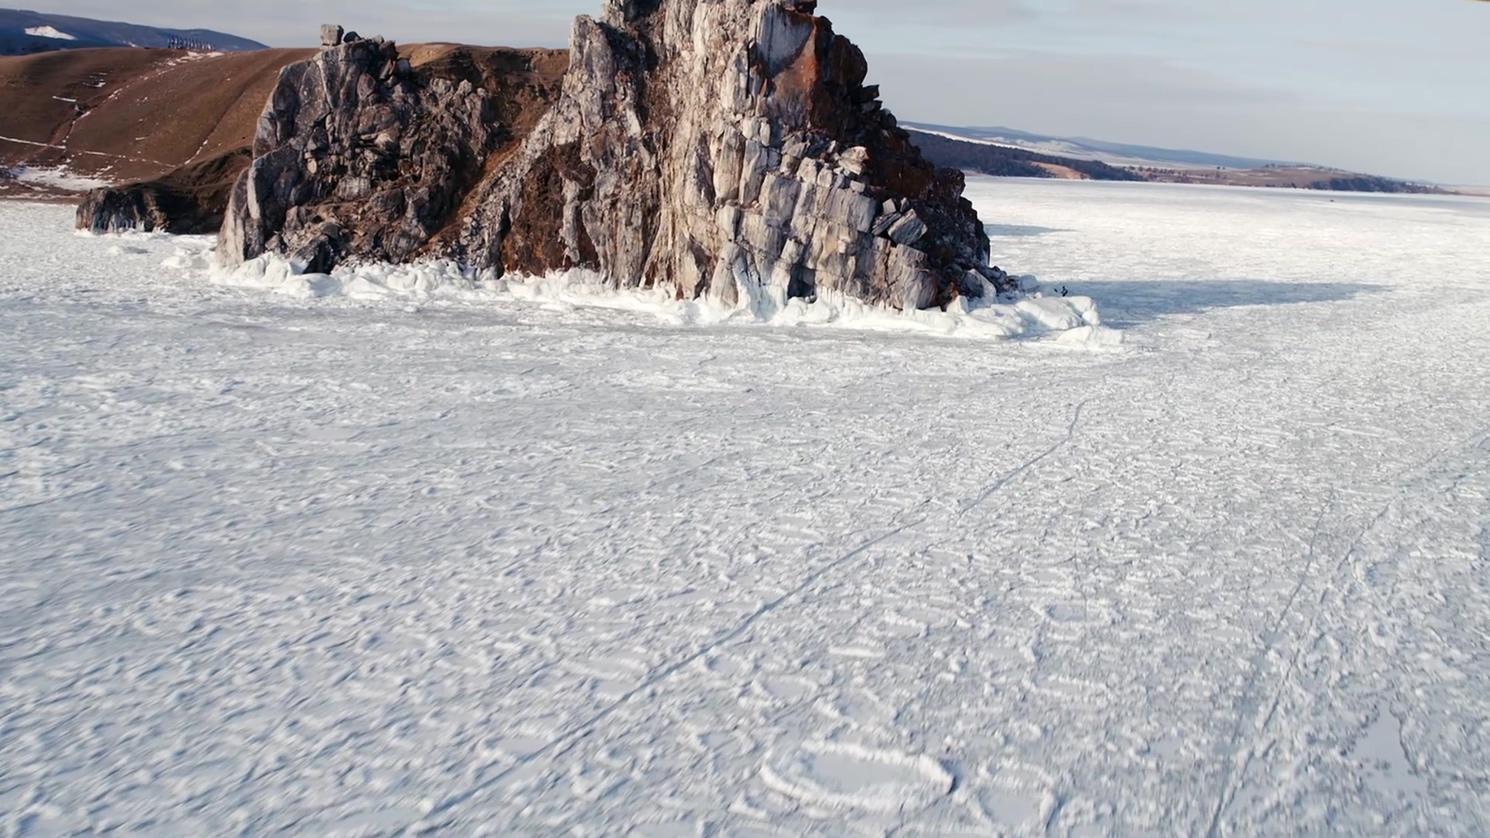 贝加尔湖2 纪录片 冰天雪地 湖面冻结  自然风光 内陆湖 动物  人文